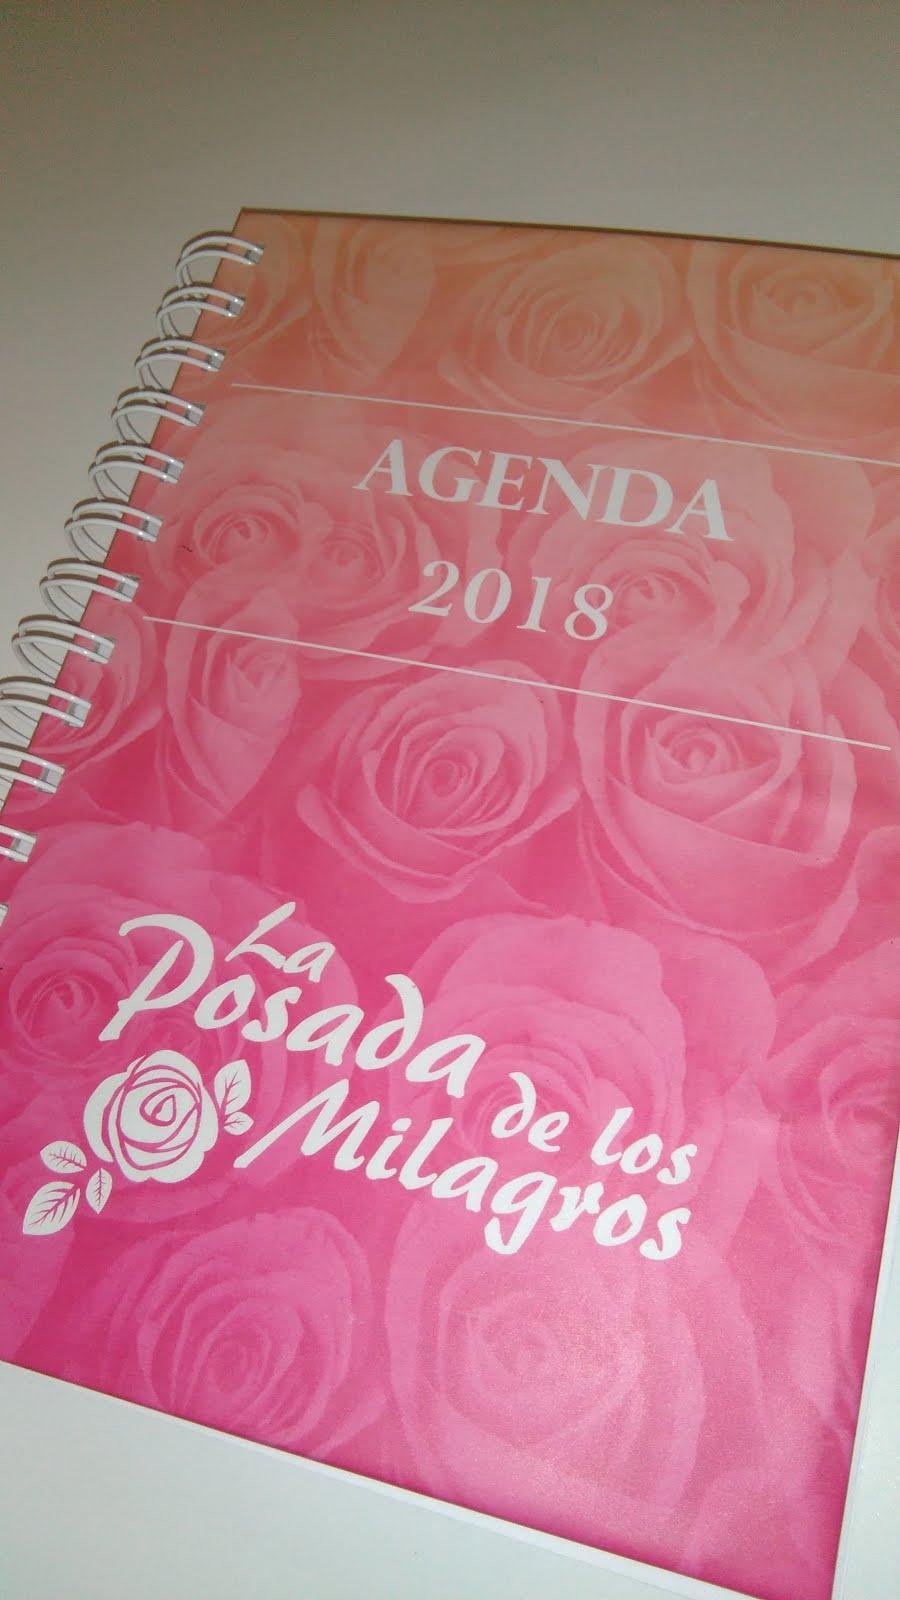 Agenda de La Posada de los Milagros